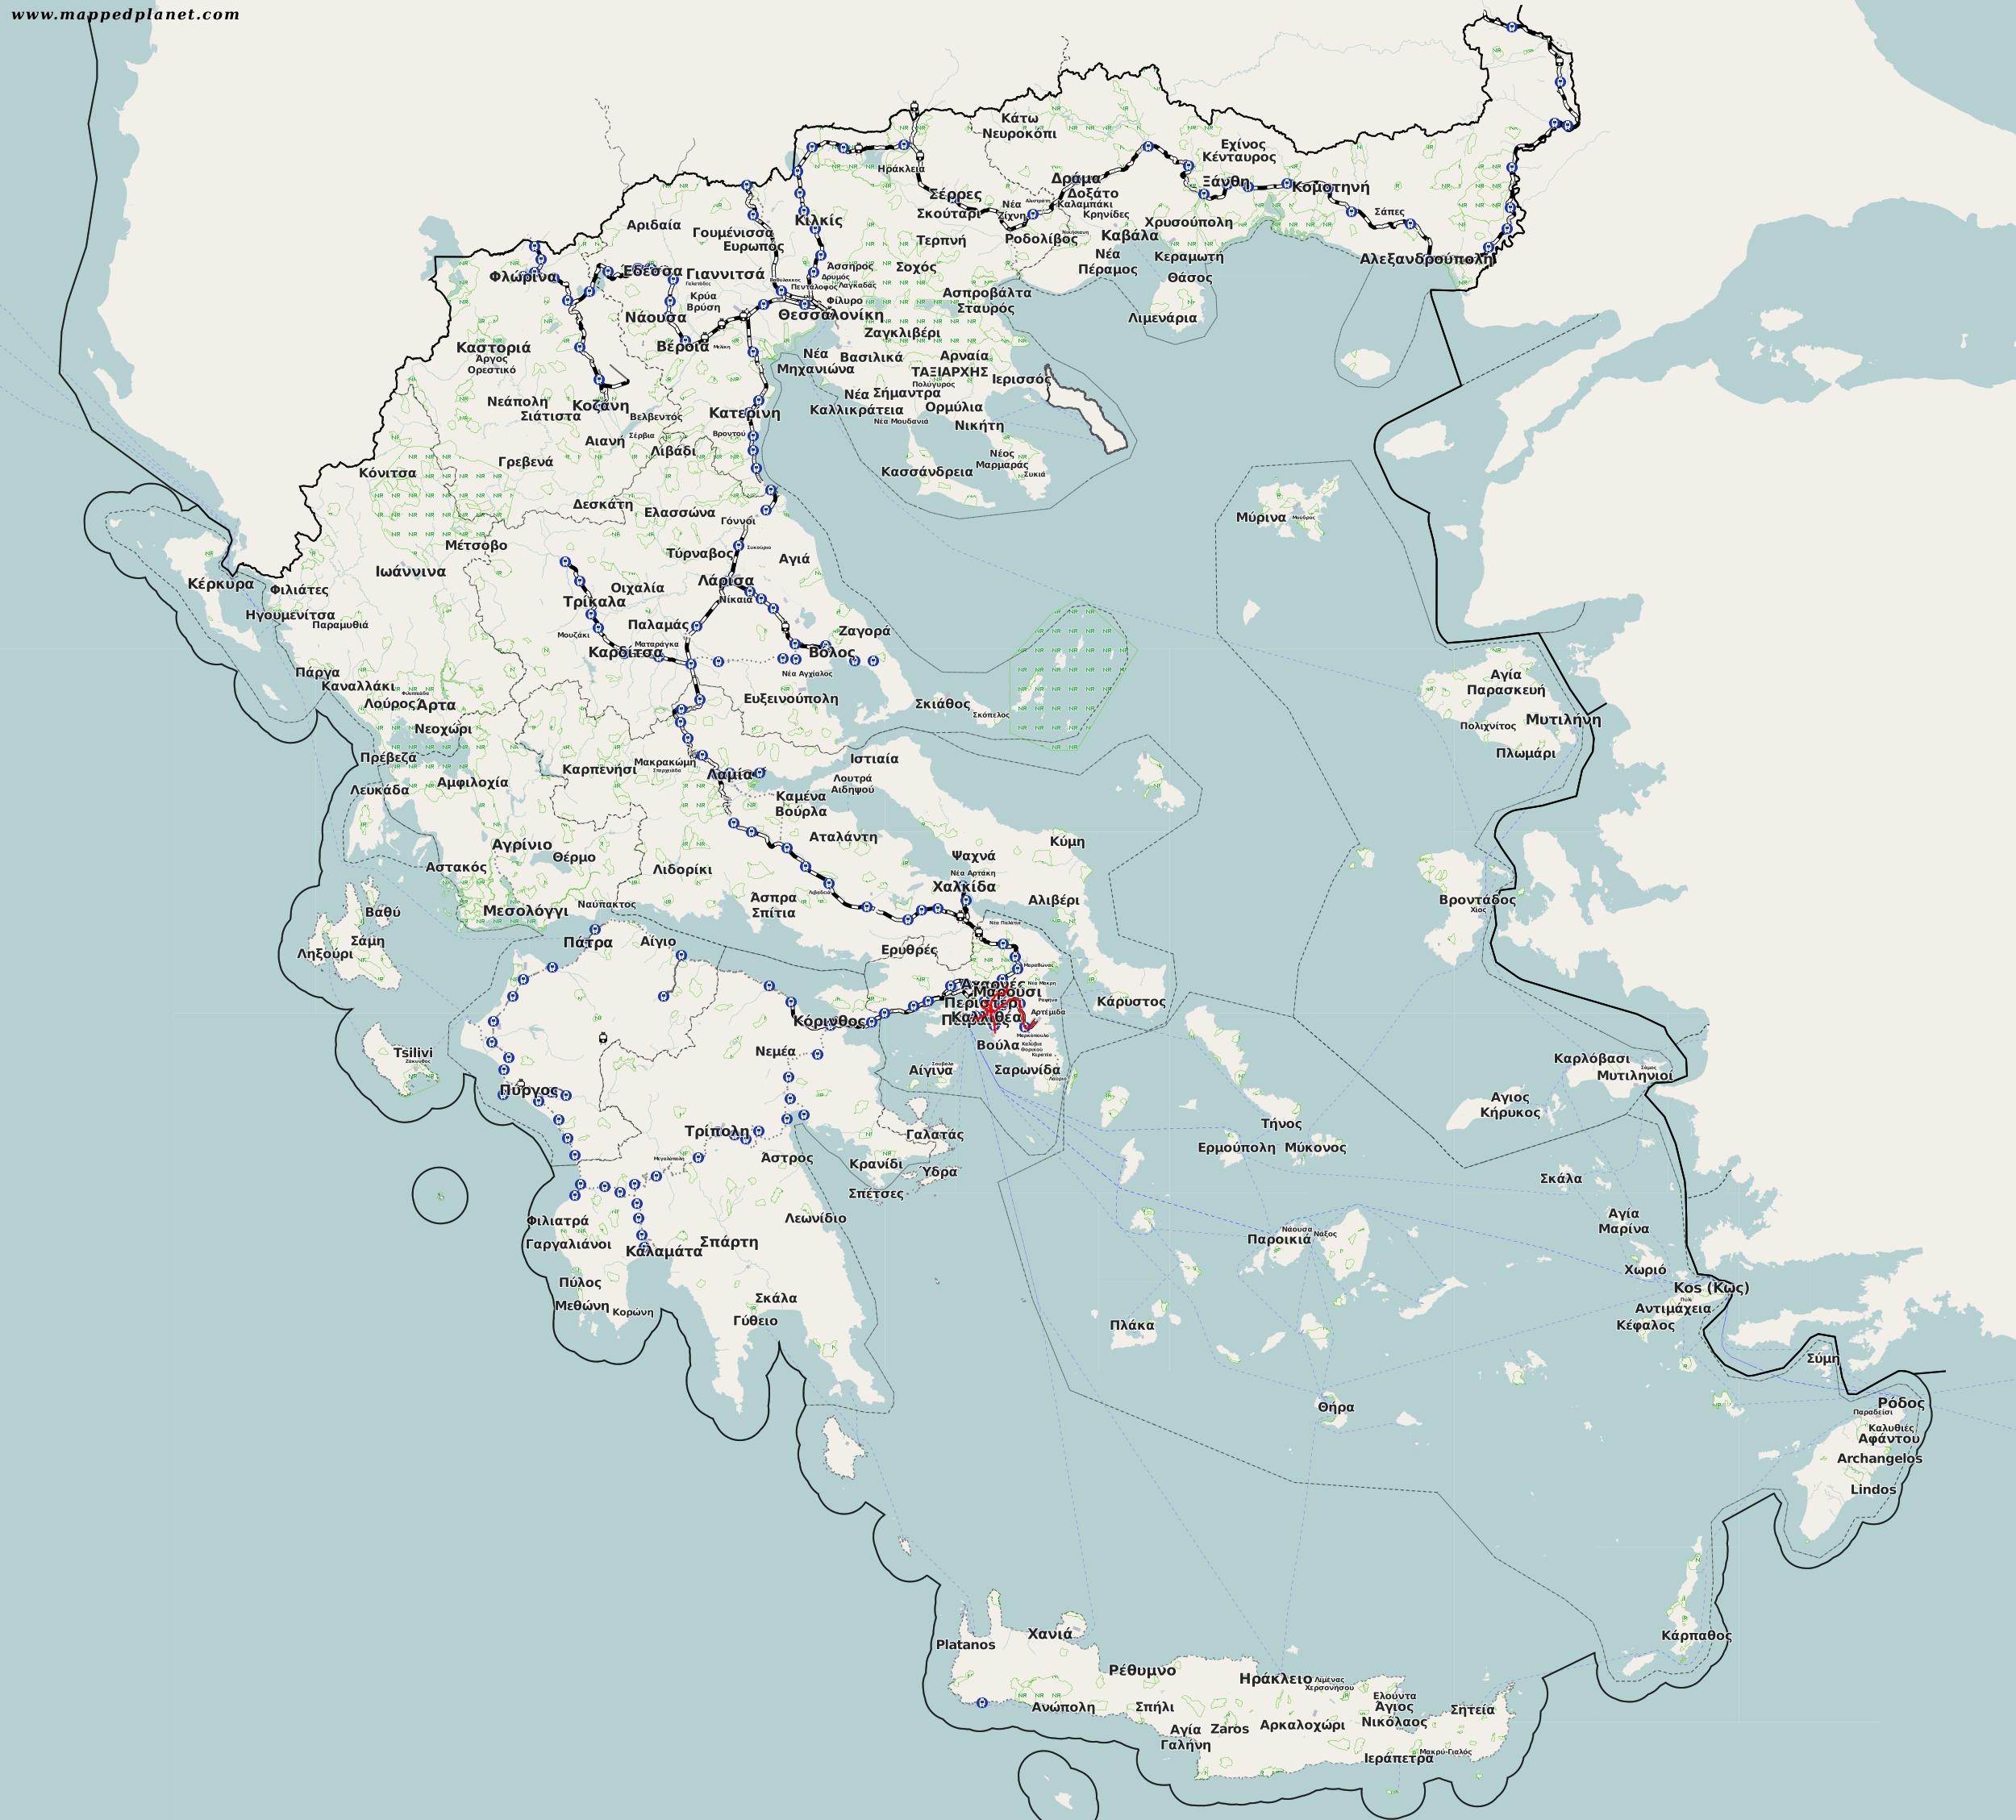 eisenbahn griechenland karte Karten und Stadtpläne Griechenland